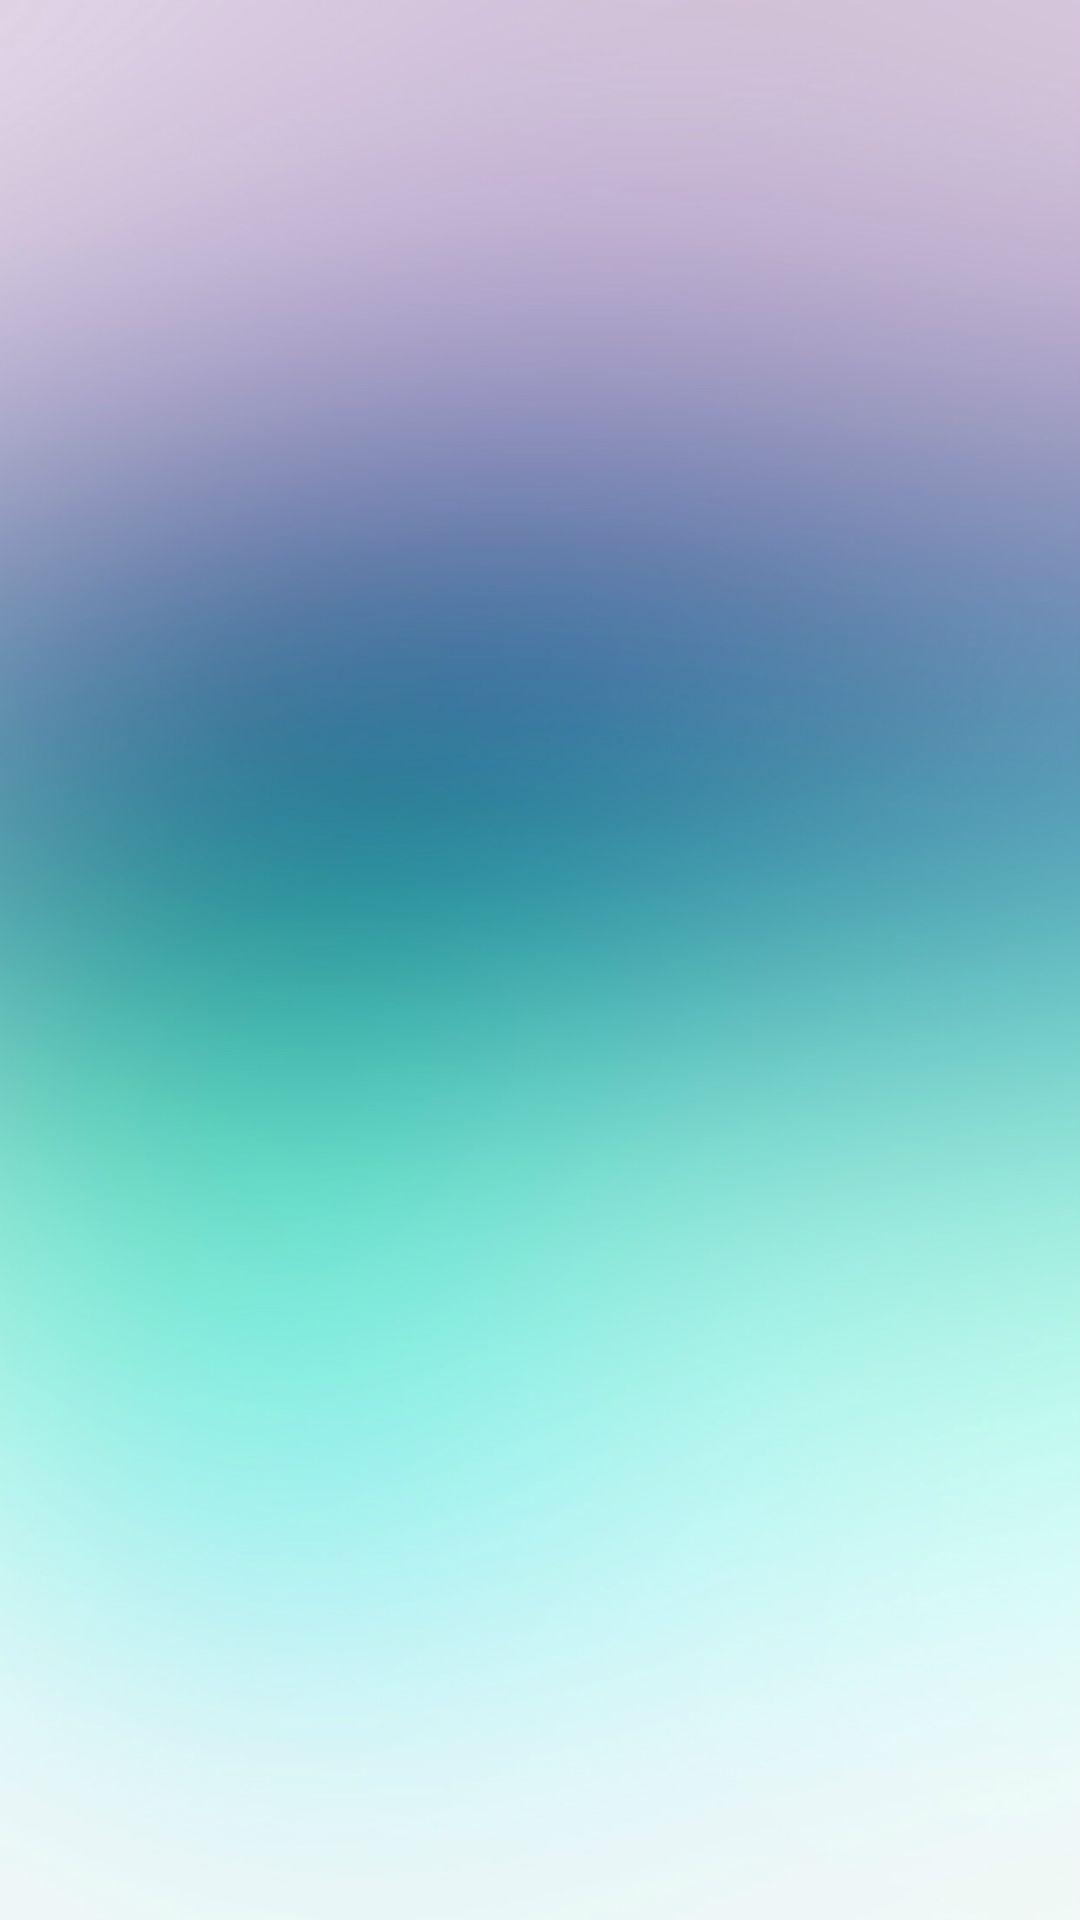 Light Teal Plain Background Violet, Blue, L...